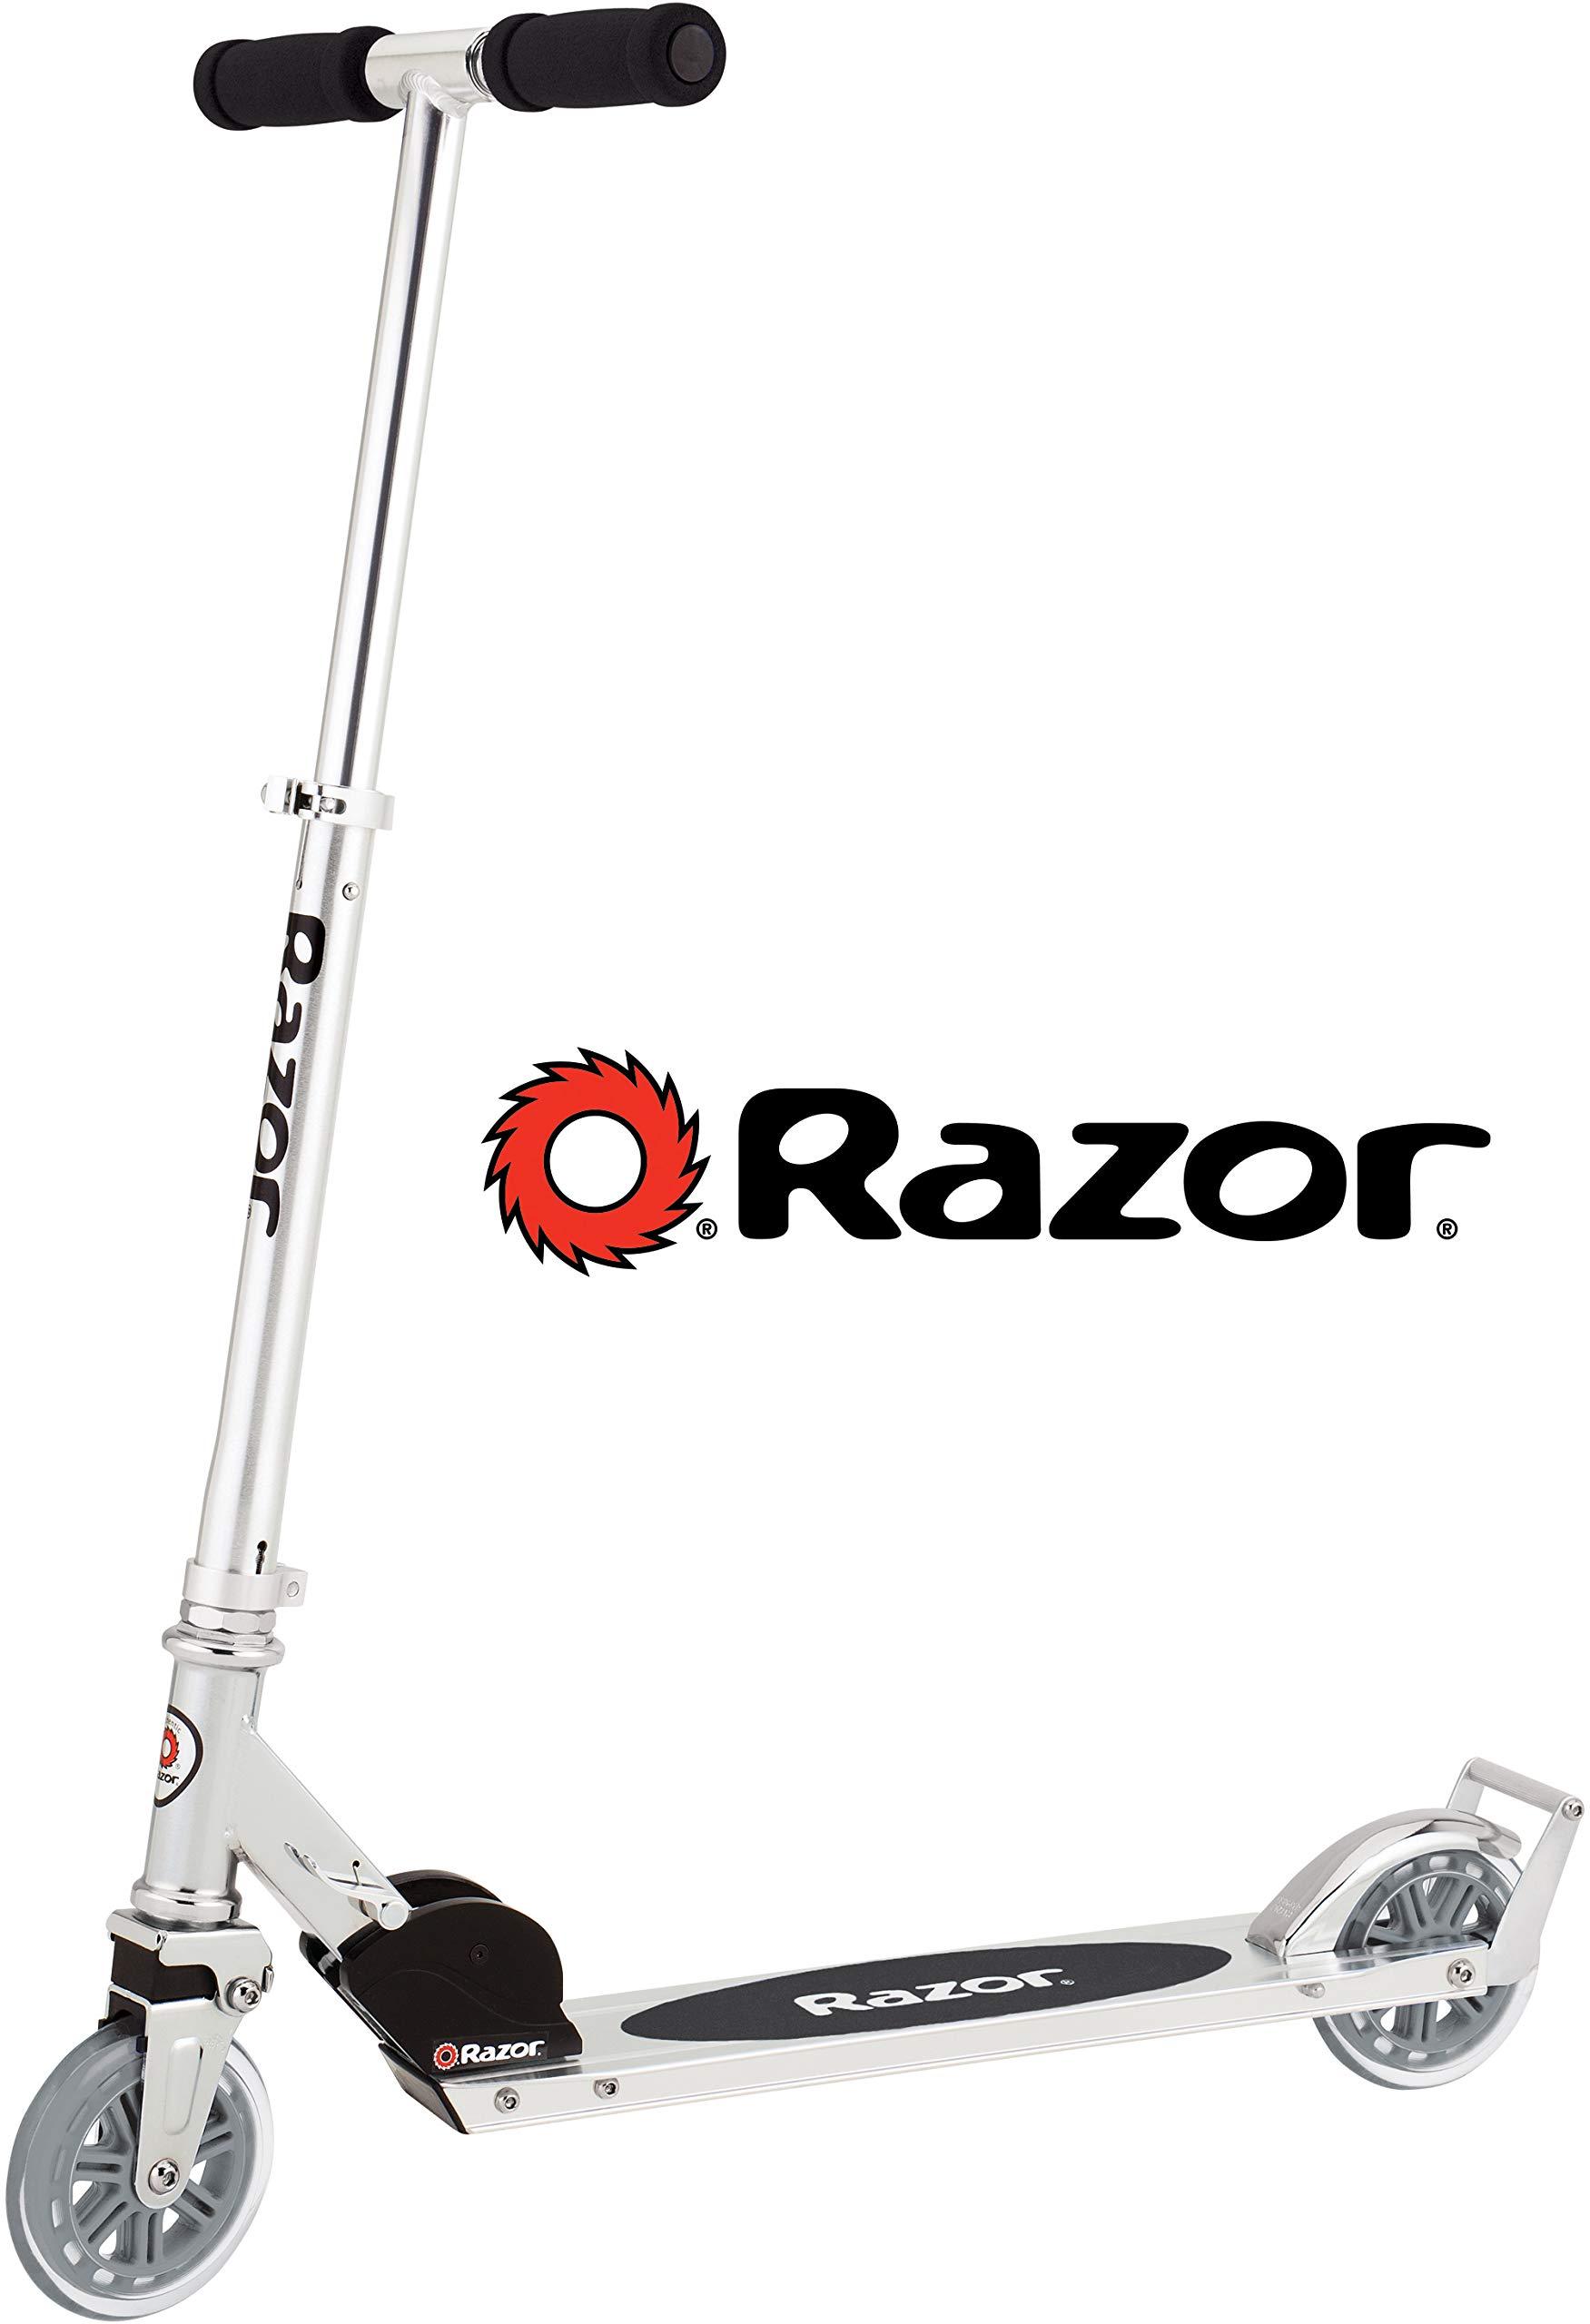 Razor A3 Kick Scooter - Clear by Razor